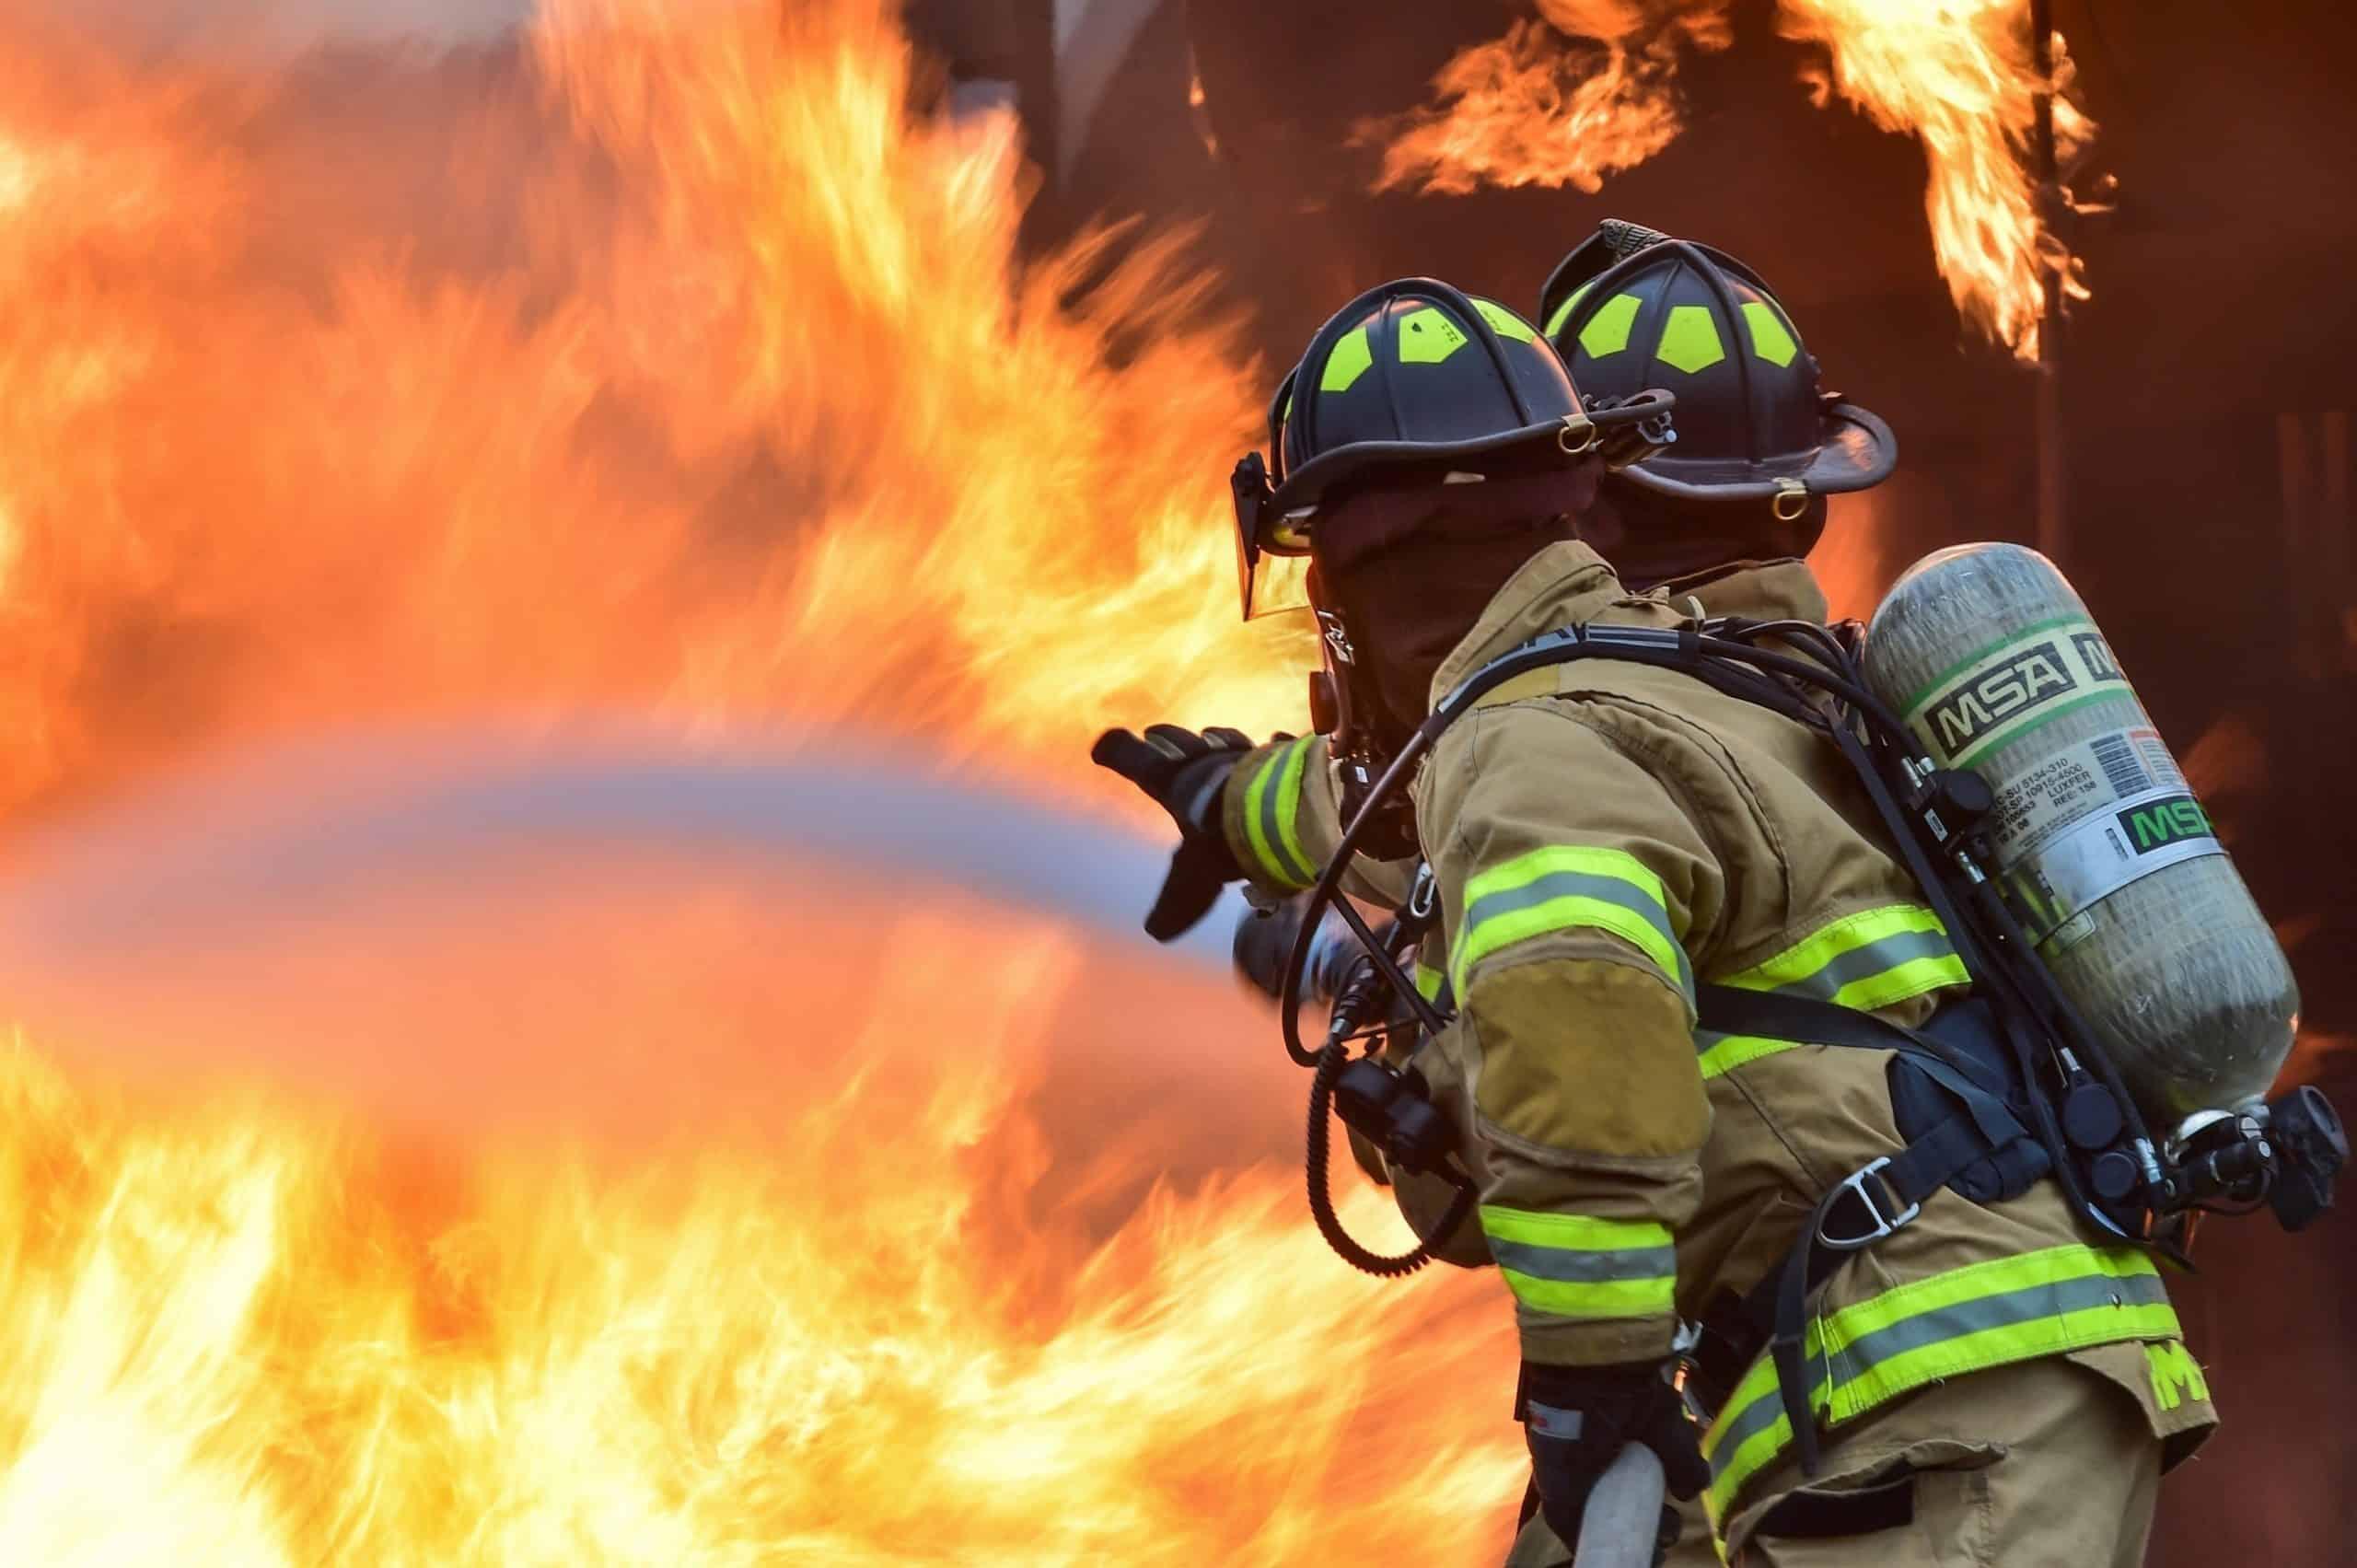 Bester Krankenversicherungsvergleich für Beamtenanwärter der Feuerwehr